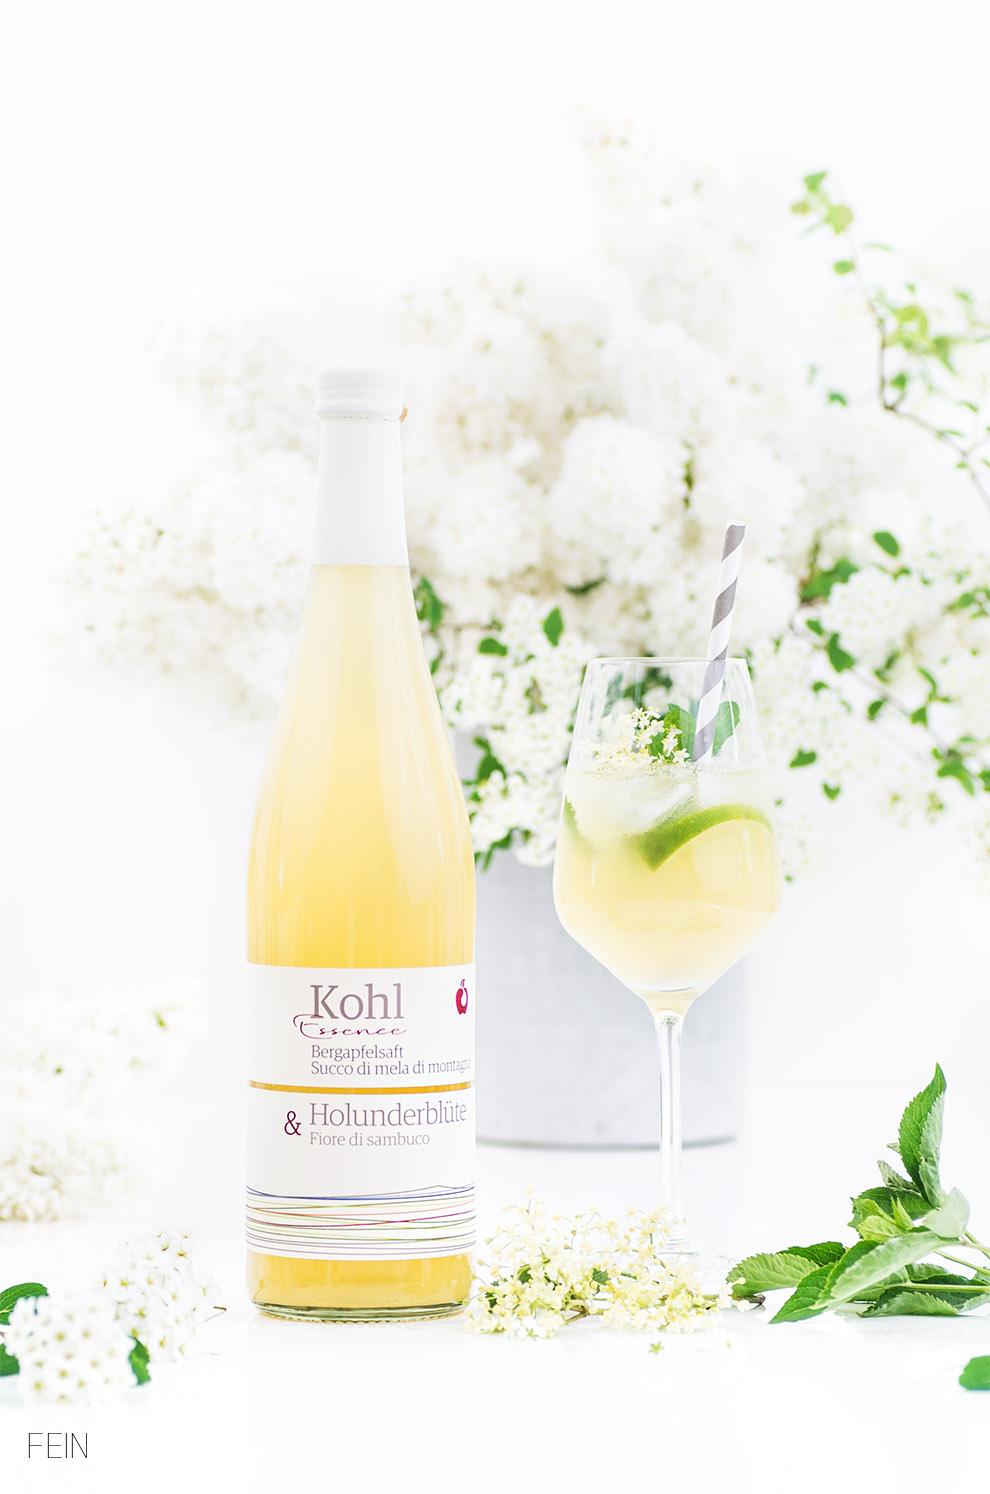 Sommerdrink Kohl Apfelsaft Cuvèes